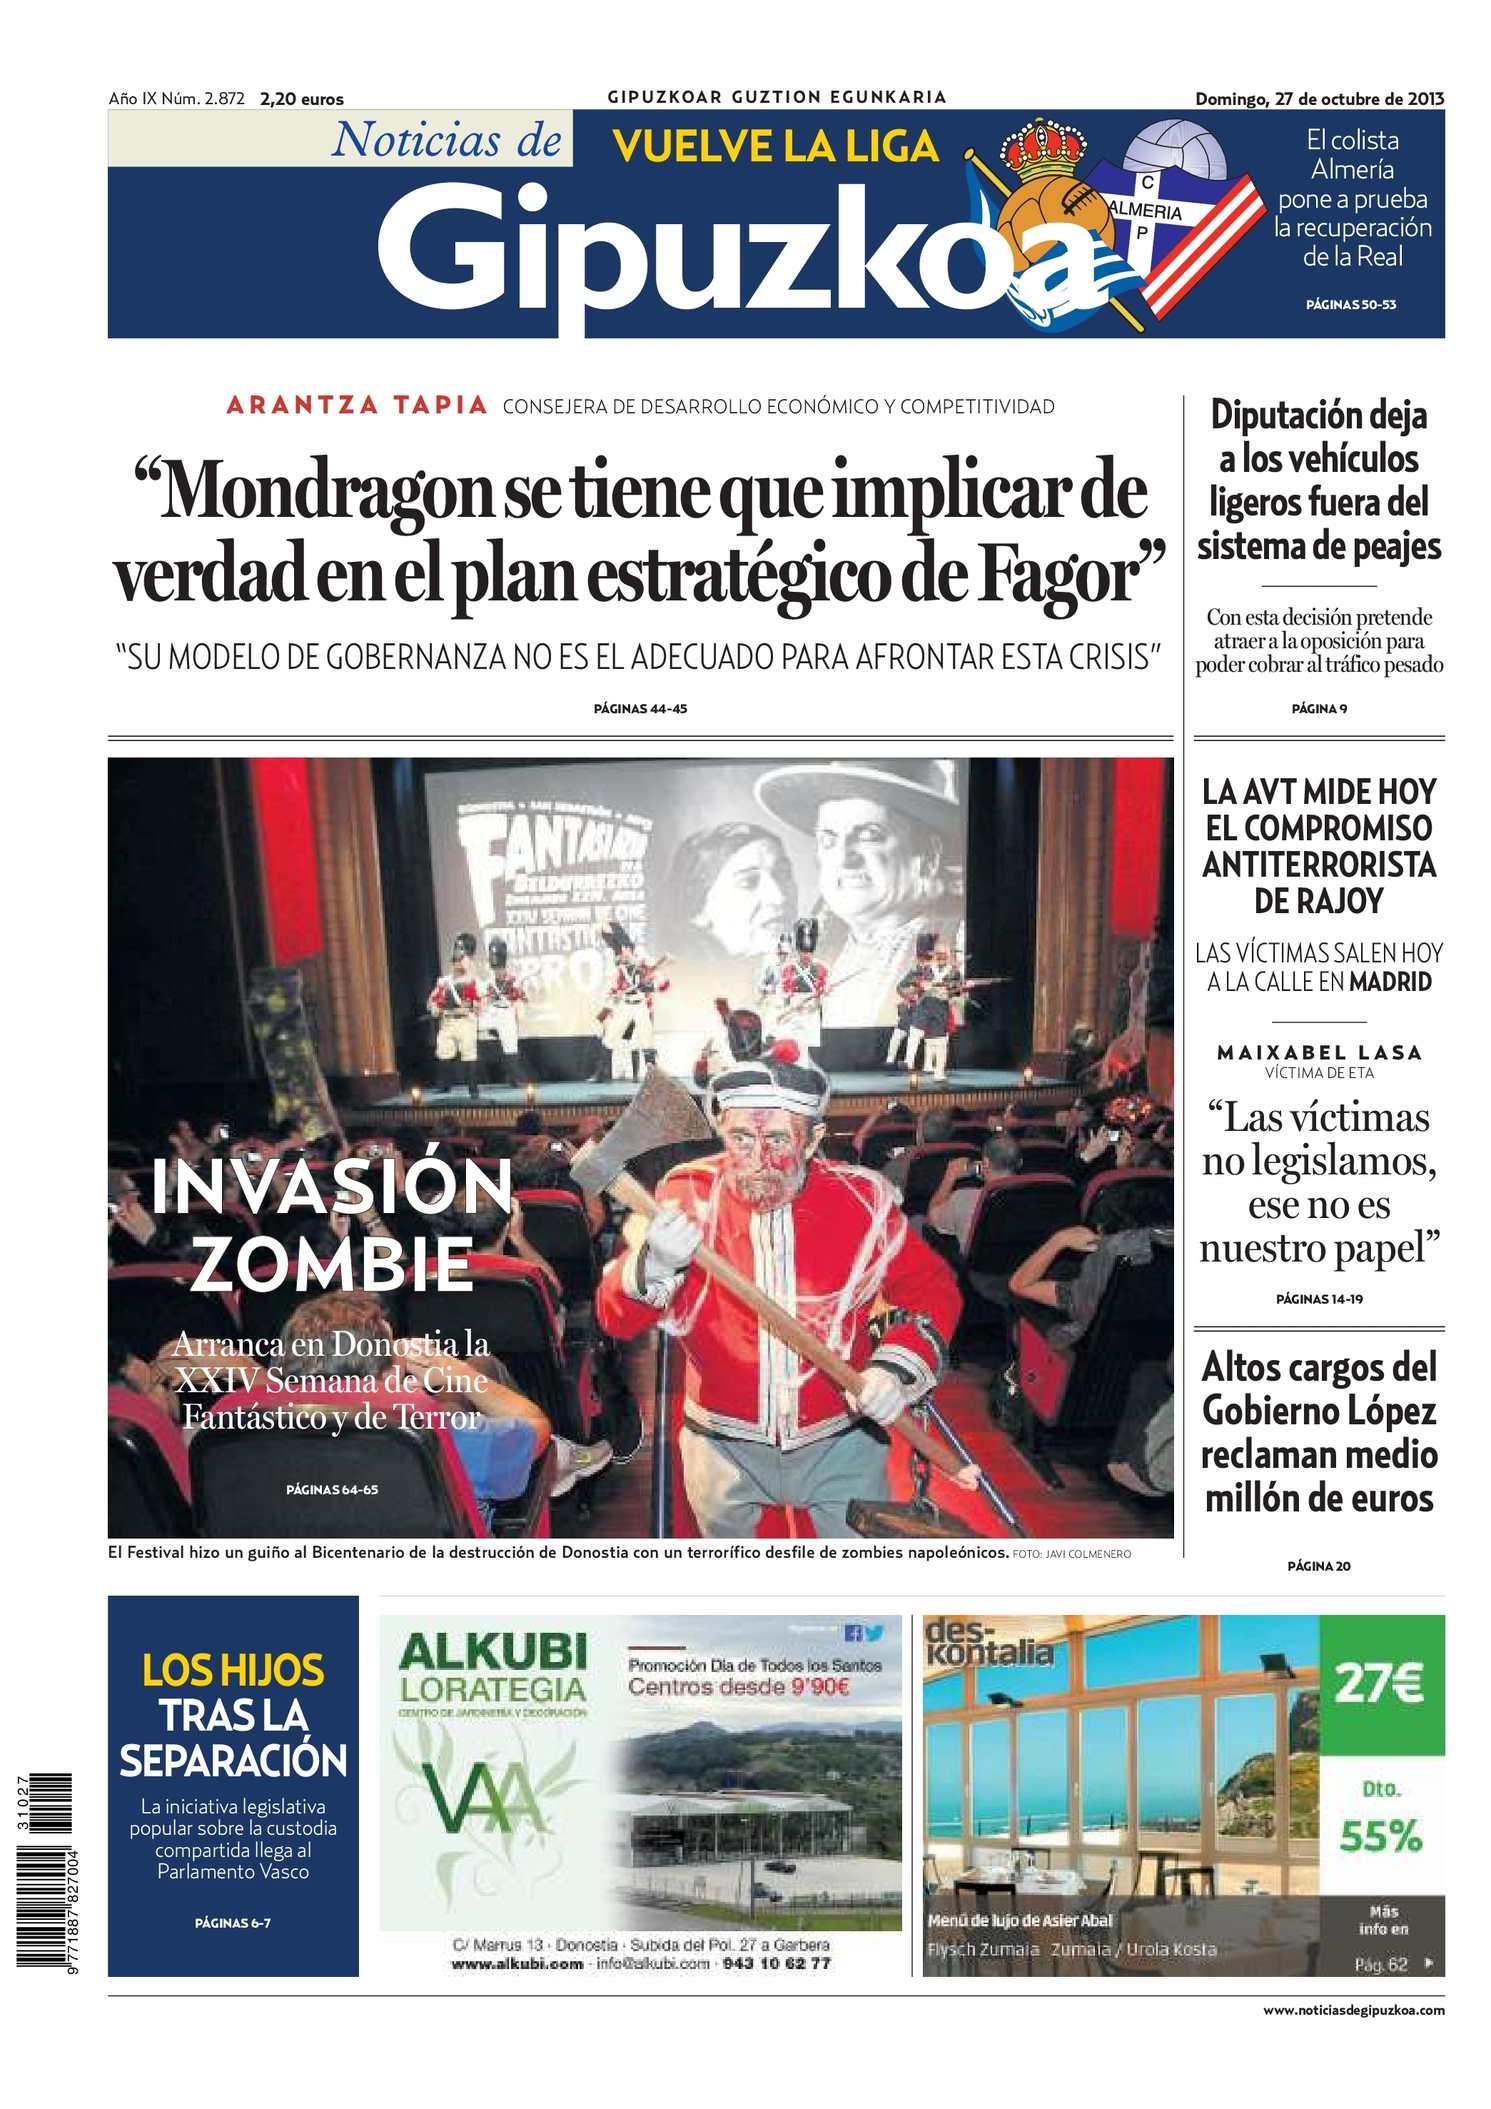 Calaméo - Noticias de Gipuzkoa 20131027 7a6cb0a16ae9